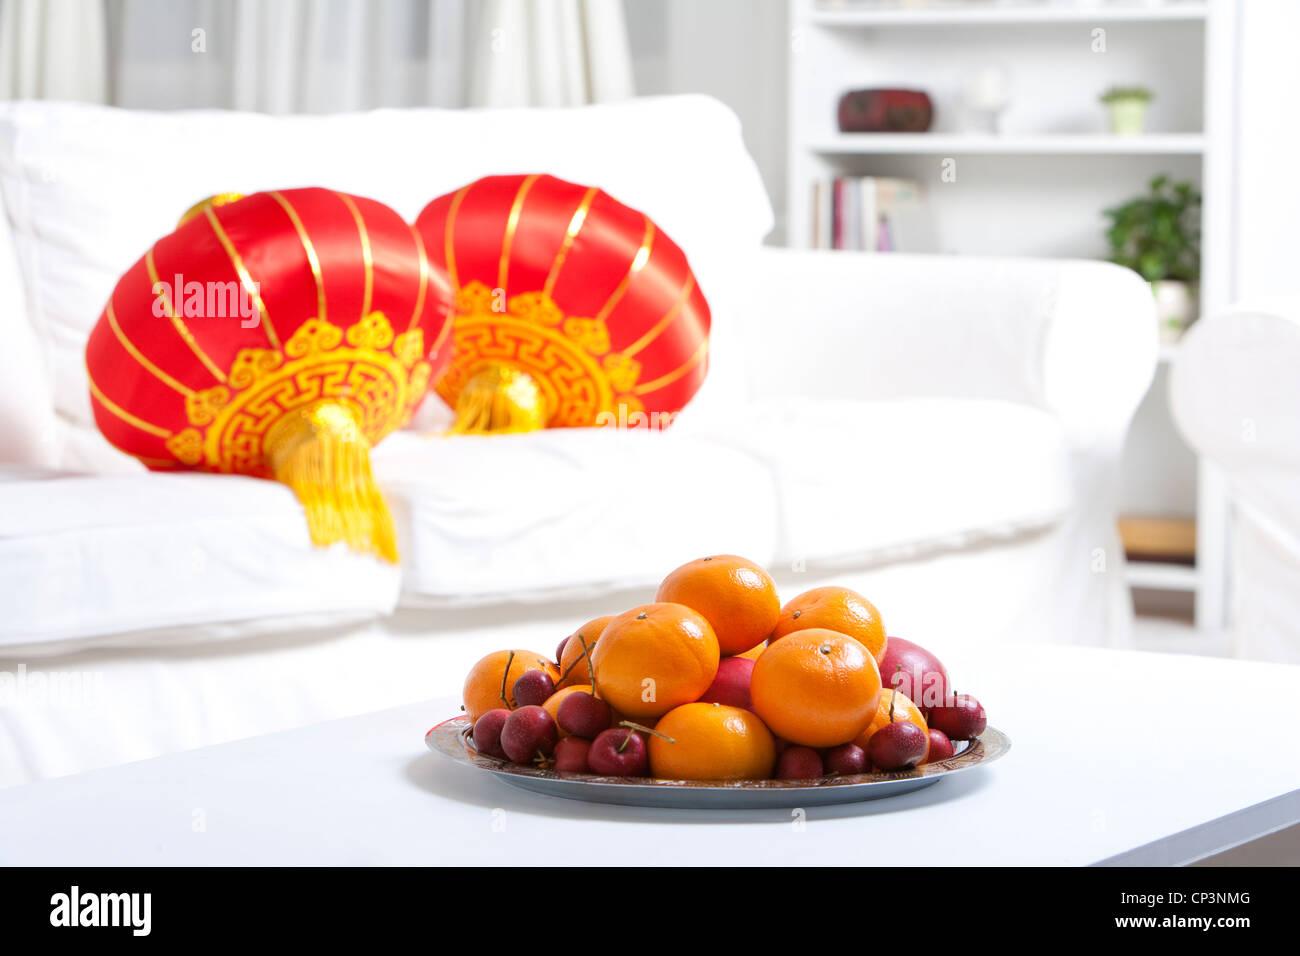 Schale mit Obst und Lampions zum chinesischen Neujahr feiern Stockbild